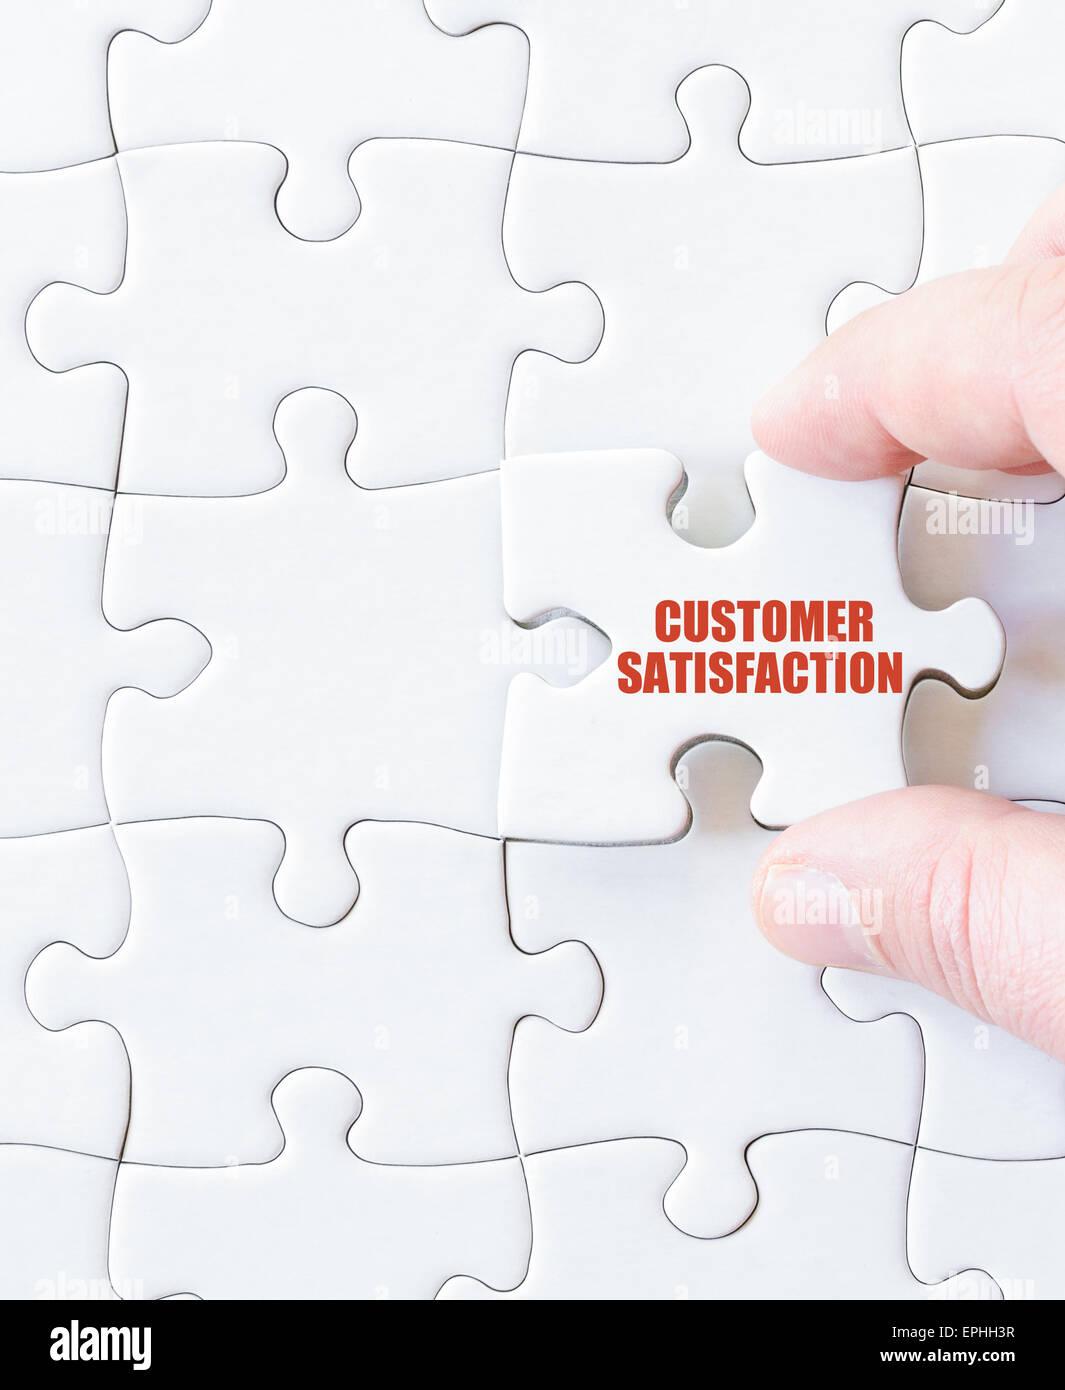 Pièce de puzzle manquante avec des mots la satisfaction du client. Concept d'affaires libre de remplir Photo Stock